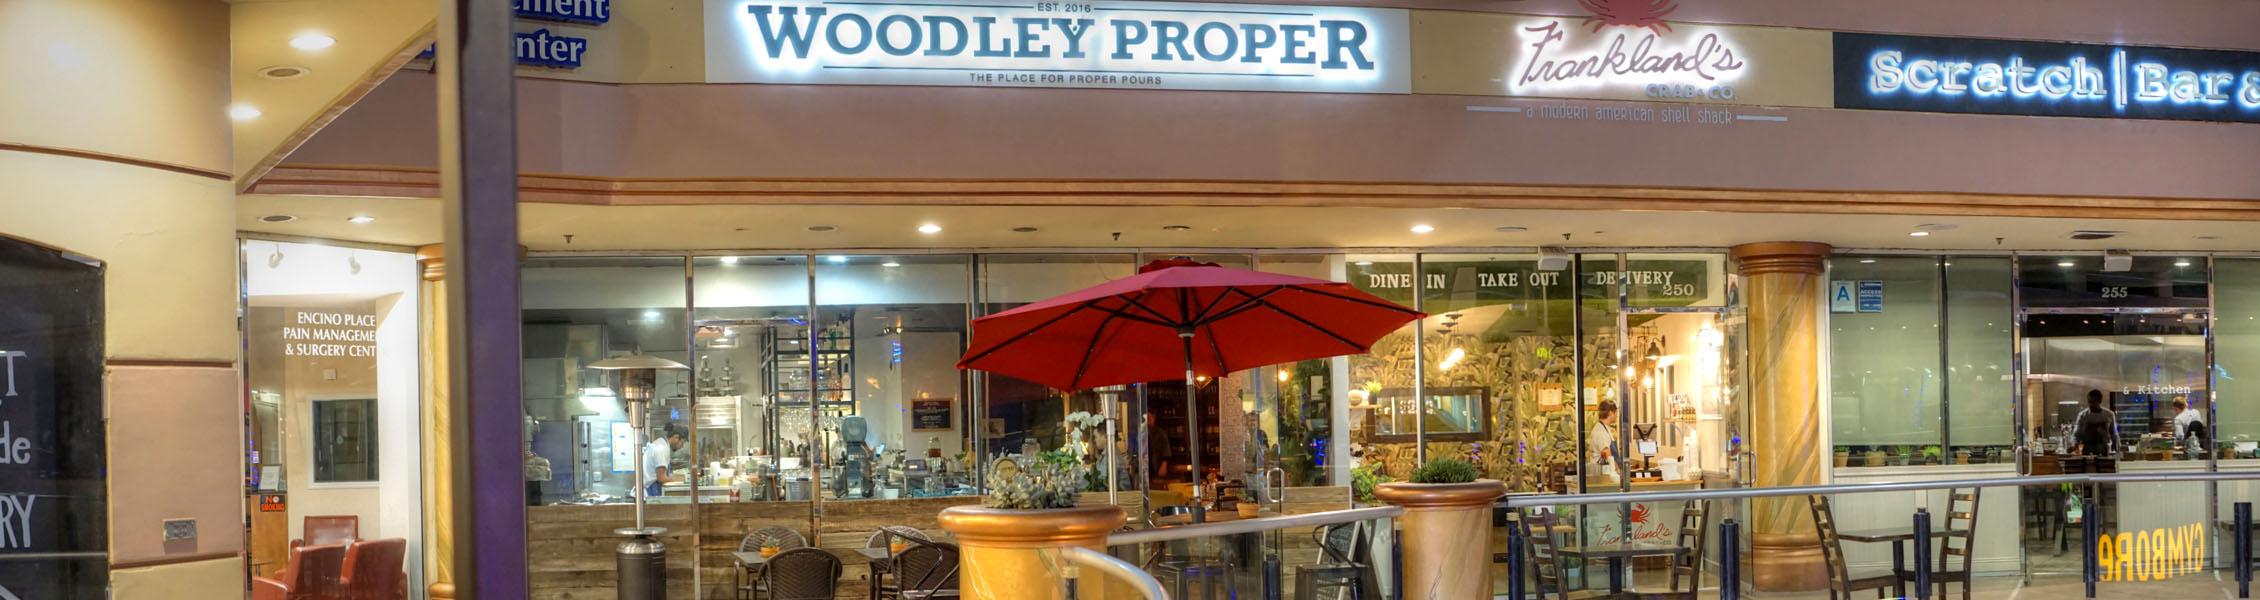 Woodley Proper Exterior